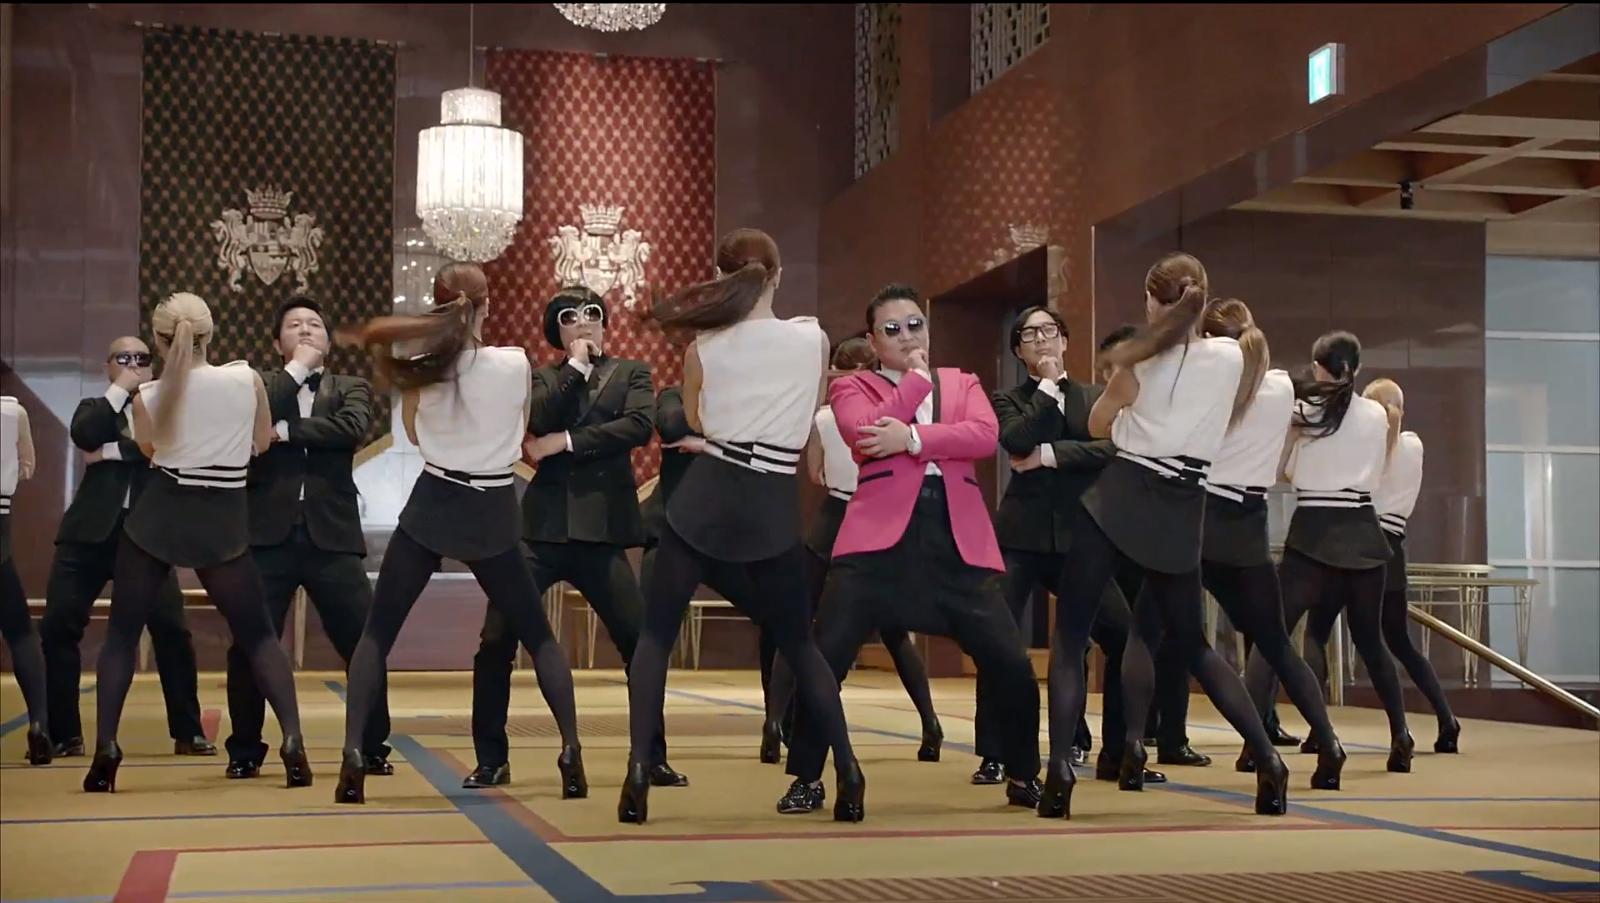 Psy's Gentleman